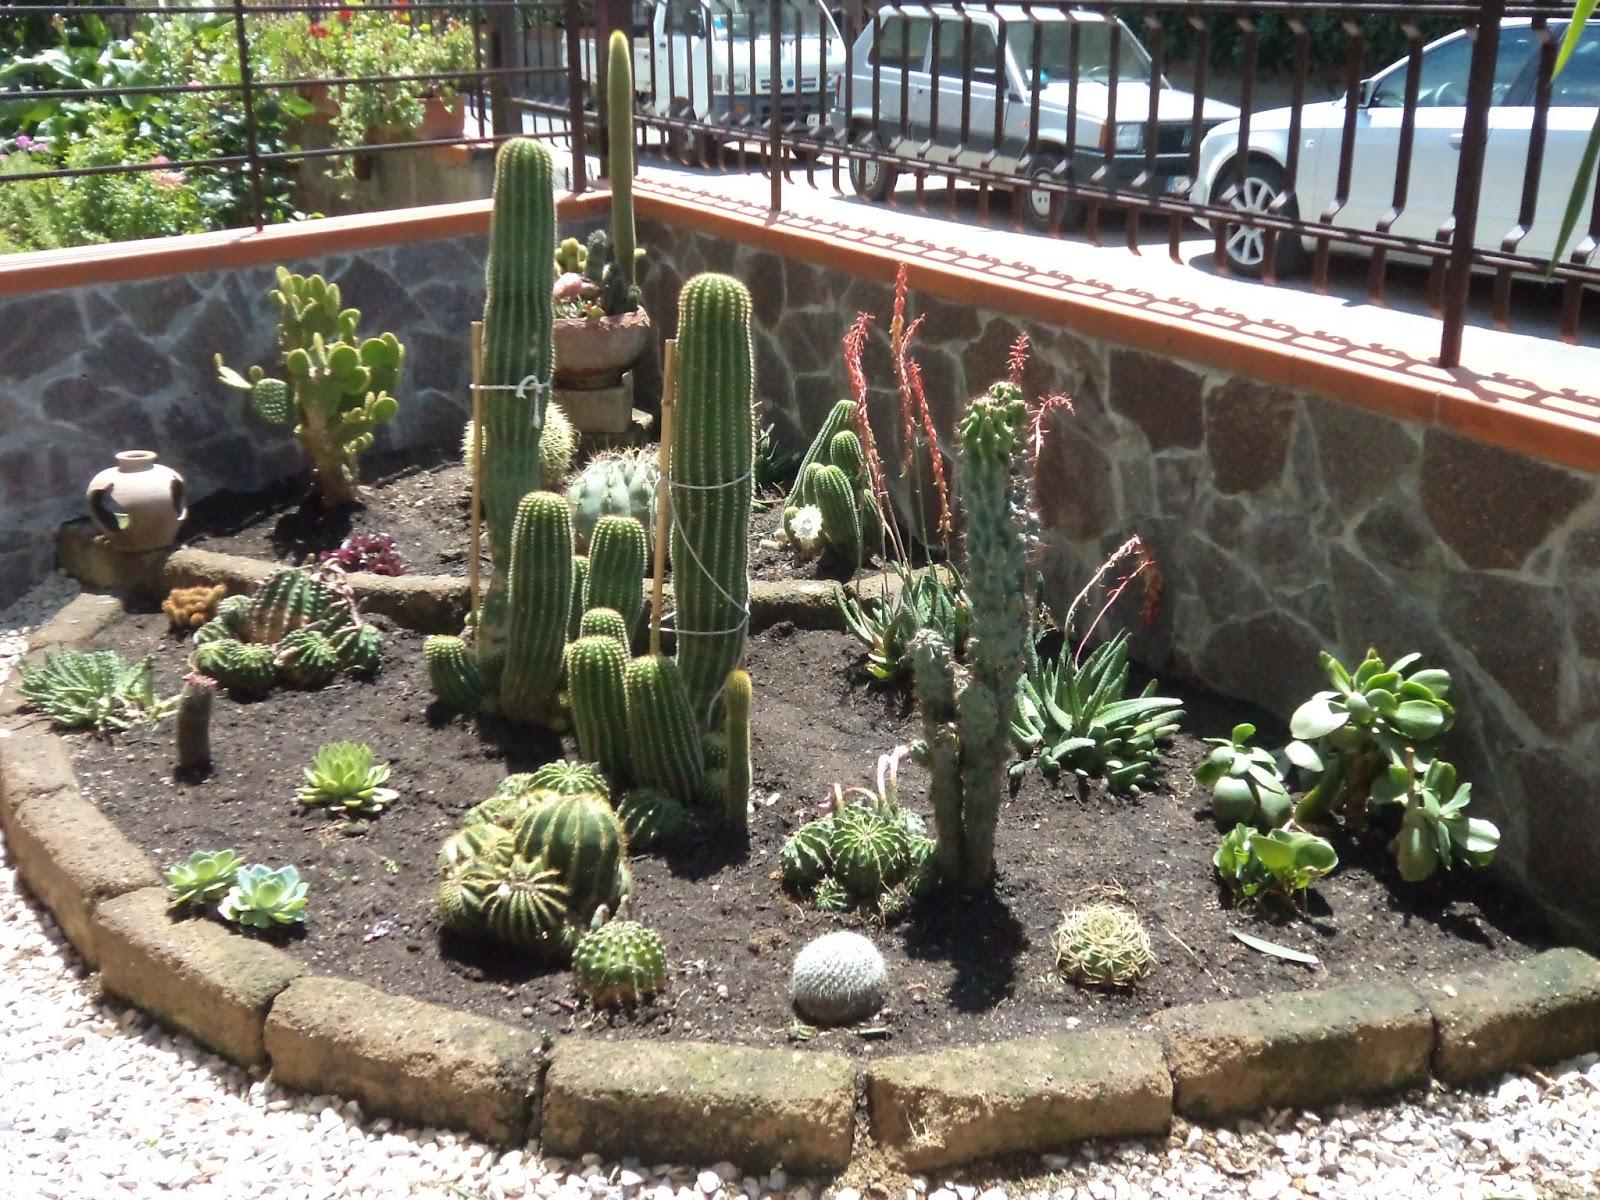 I giardini di carlo e letizia giardino di piante grasse for Piante e giardini